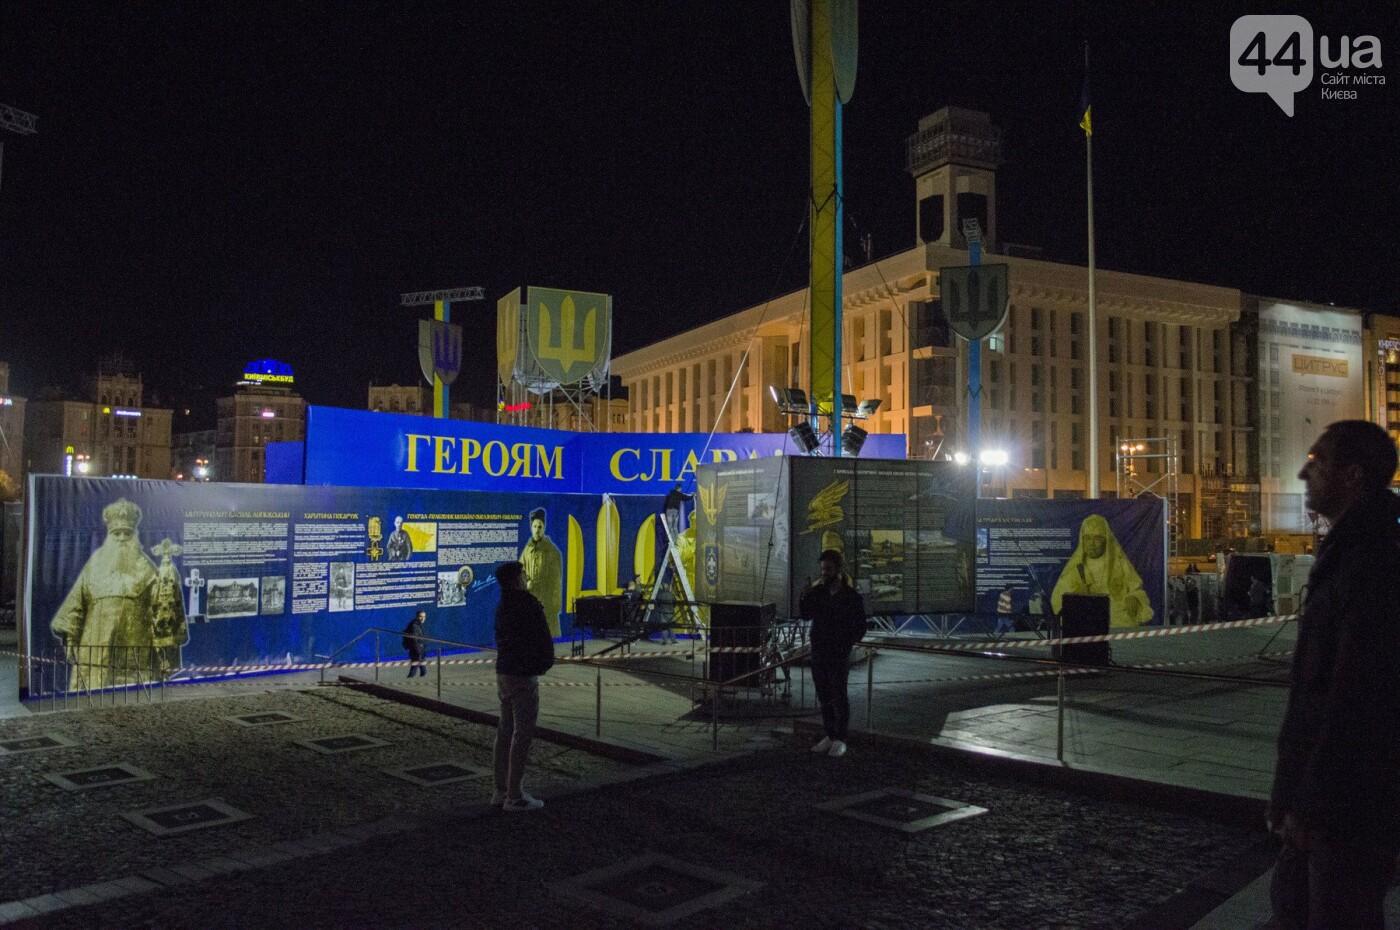 На Майдане появился 10-метровый трезубец: Киев готовится ко Дню защитника Украины, фото-2